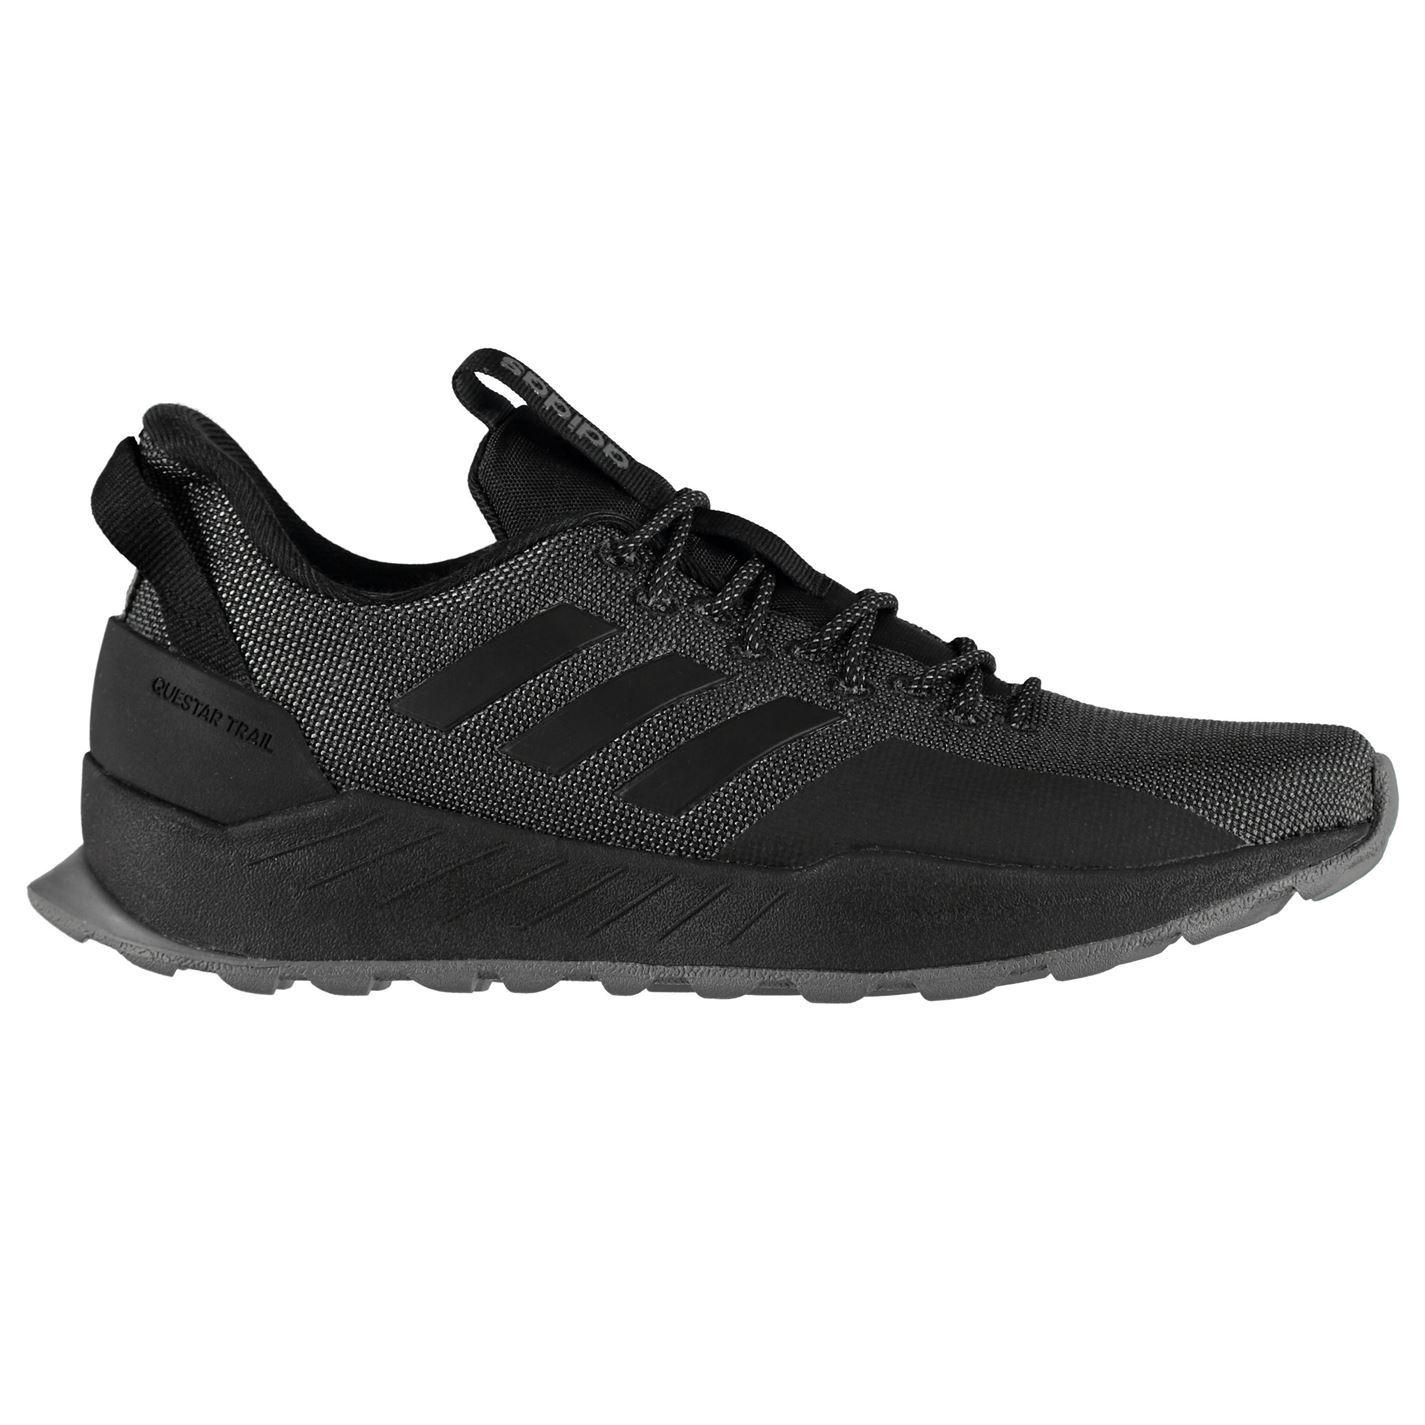 Adidas Questar Trail Running schuhe Herren Fitness Jogging Jogging Jogging Turnschuhe Turnschuhe  | Modernes Design  a36b5b